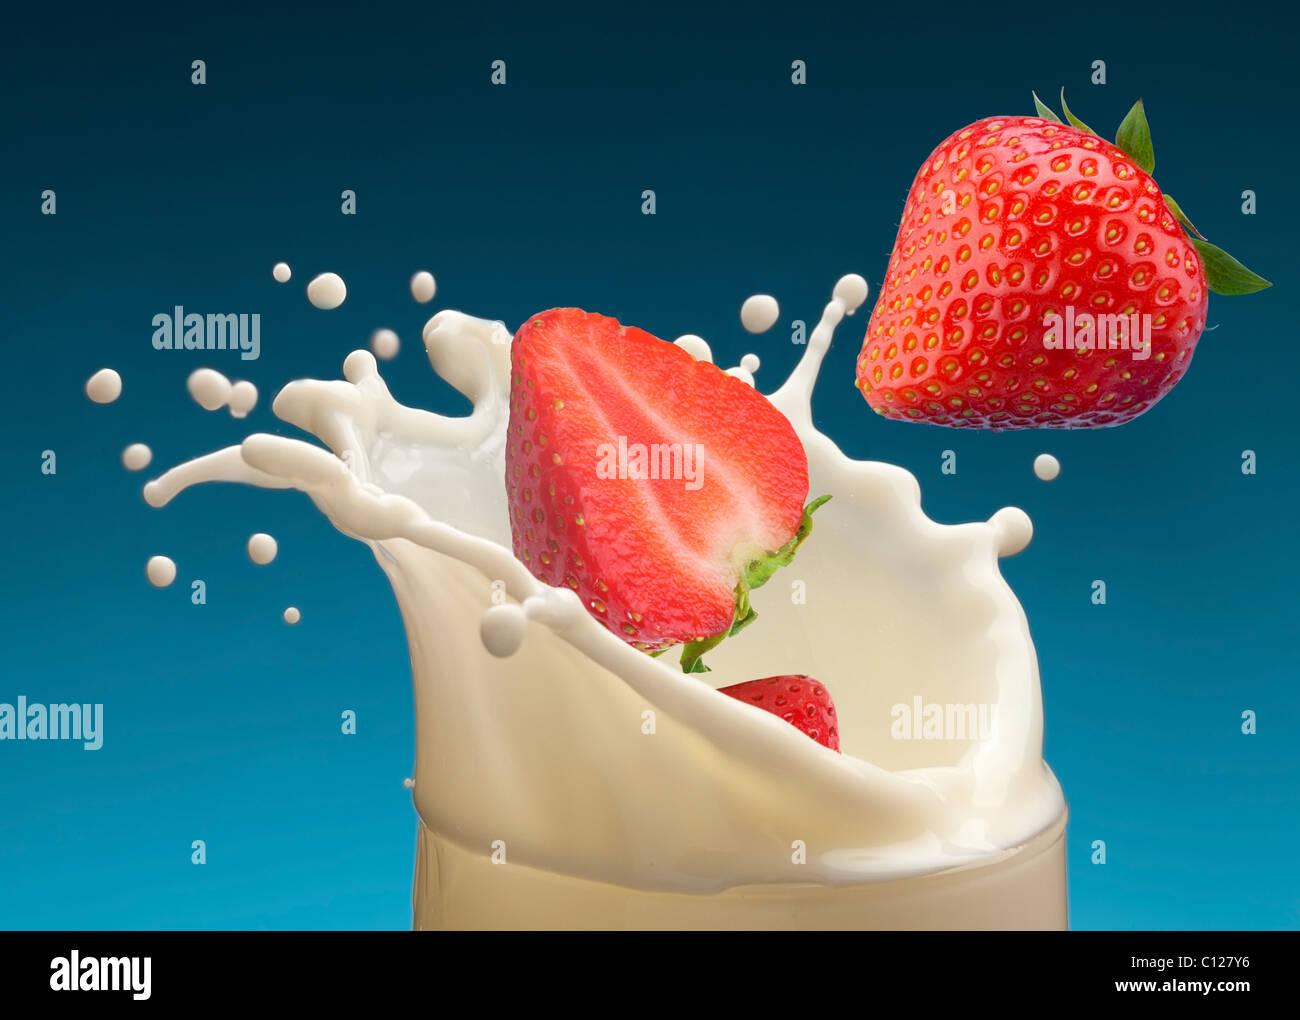 Nuage de lait, suite à la chute d'une fraise. Isolé sur un fond bleu. Photo Stock